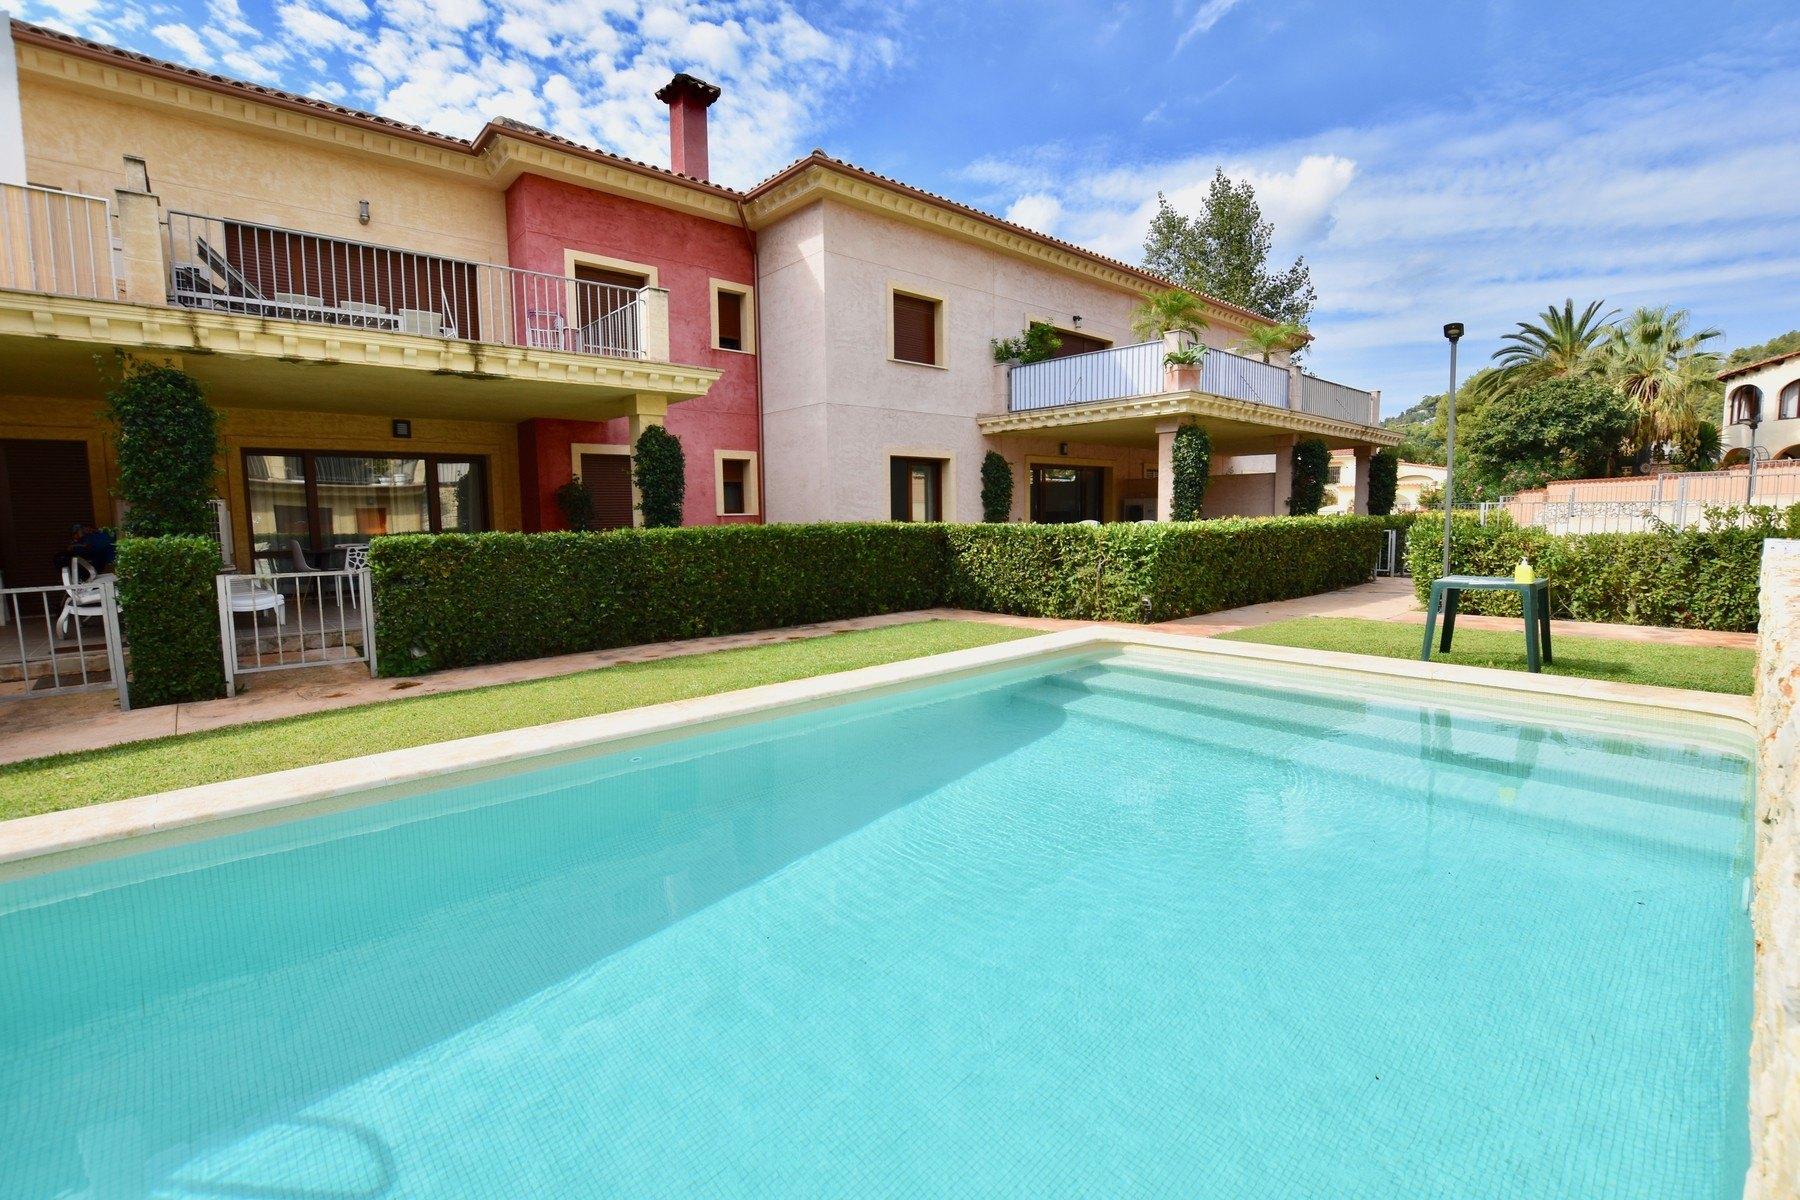 Prachtig appartement met 2 slaapkamers in Urbanisatie Jardines de Montemar in Moraira - Costa Blanca